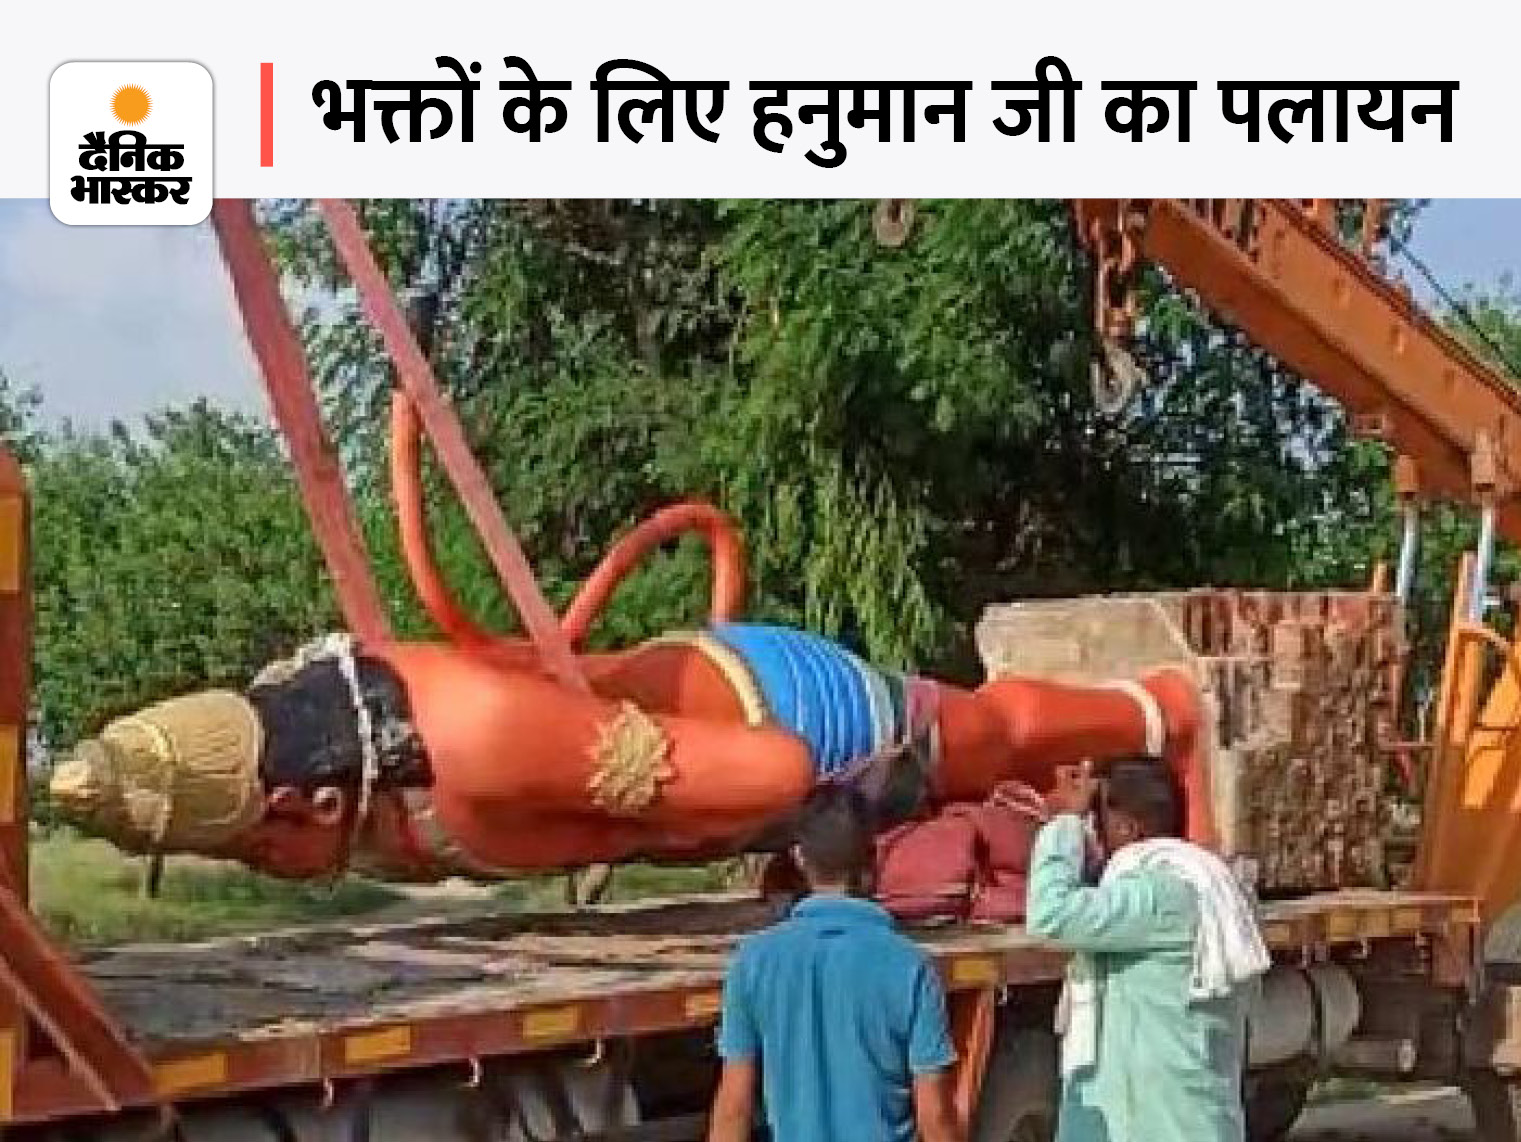 ग्रेटर नोएडा में 70 साल पुरानी हनुमान जी की मूर्ति को विस्थापित किया गया; यहां एशिया का सबसे बड़ा एयरपोर्ट बनेगा|गौतम बुद्ध नगर,Gautambudh Nagar - Dainik Bhaskar